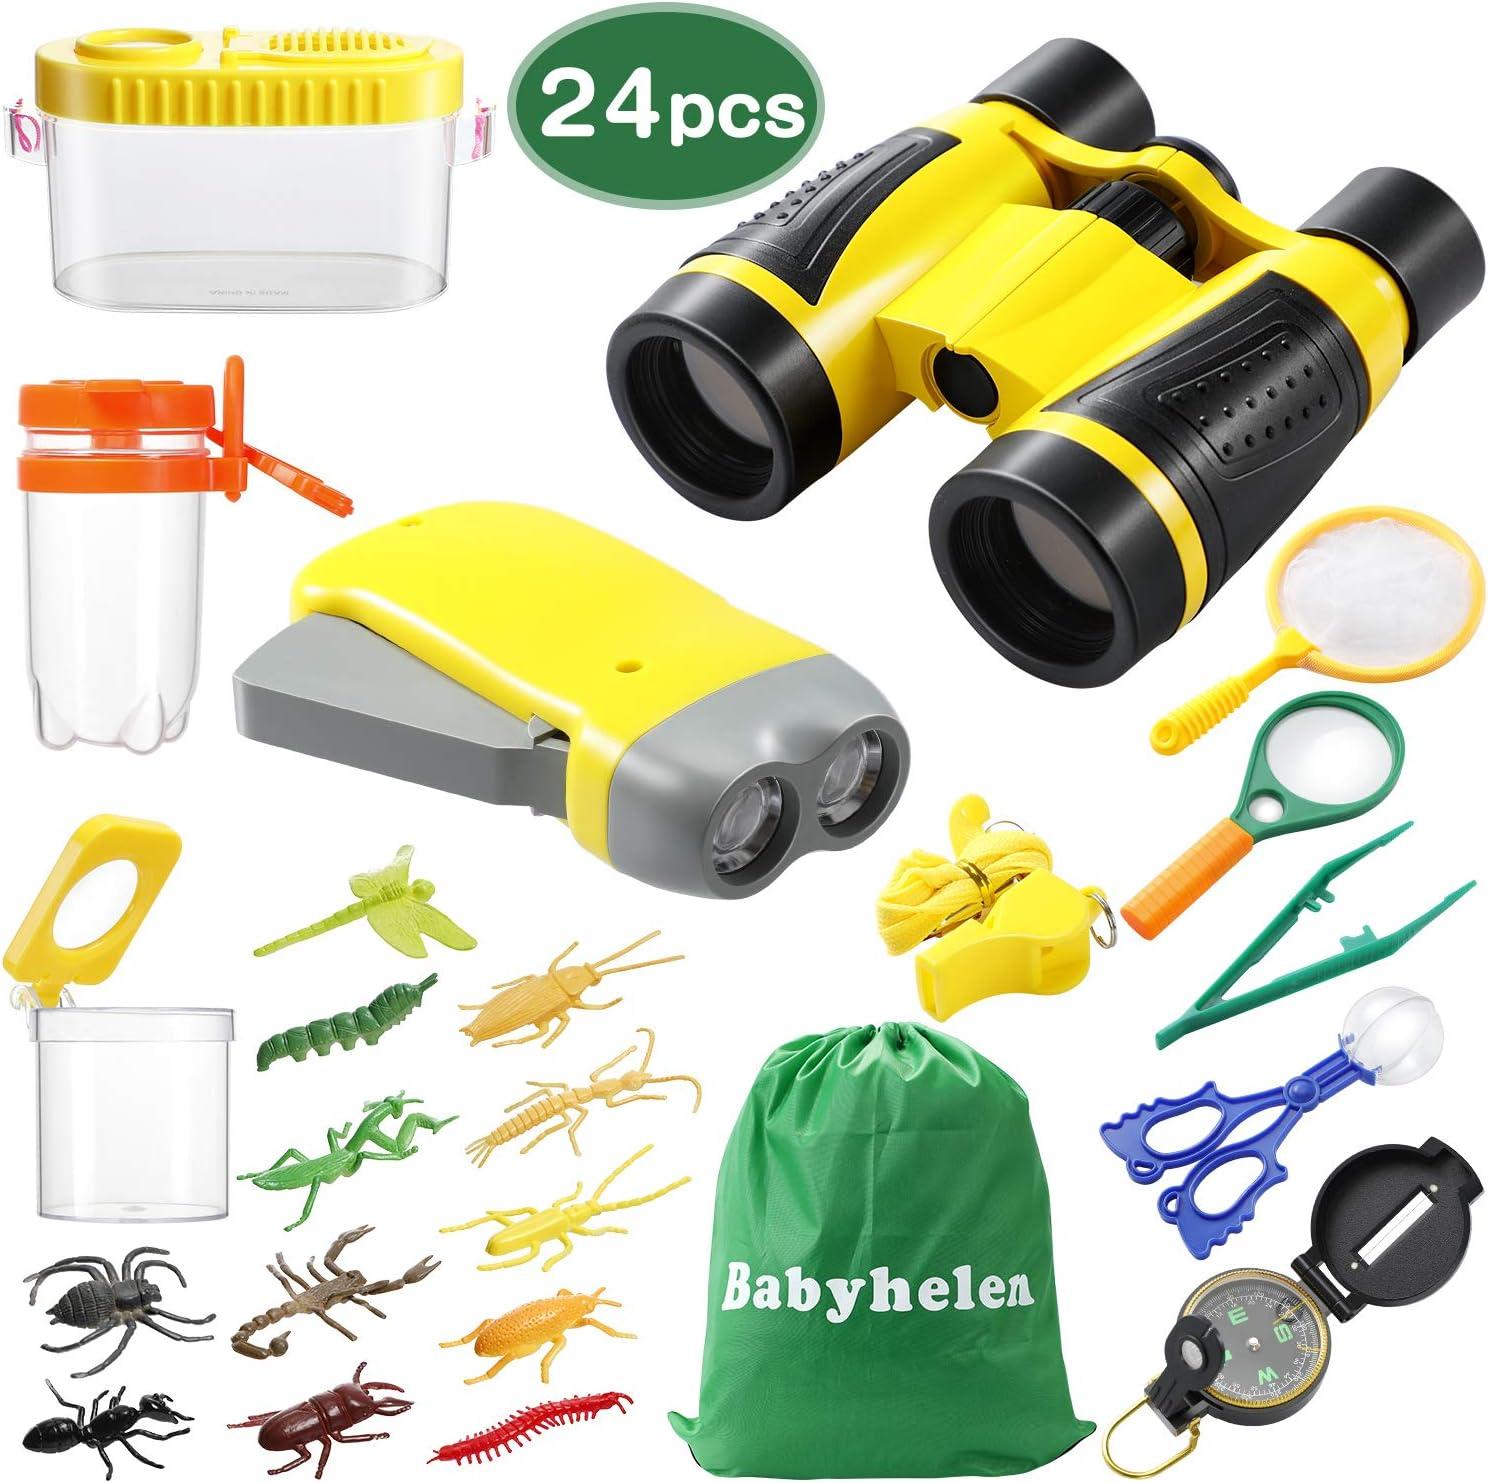 Babyhelen Kit de Explorador para Niños, Set de Juguetes al Aire Libre 24 Piezas, Kit Aventura con Binoculares Lupa para Acampada y Senderismo